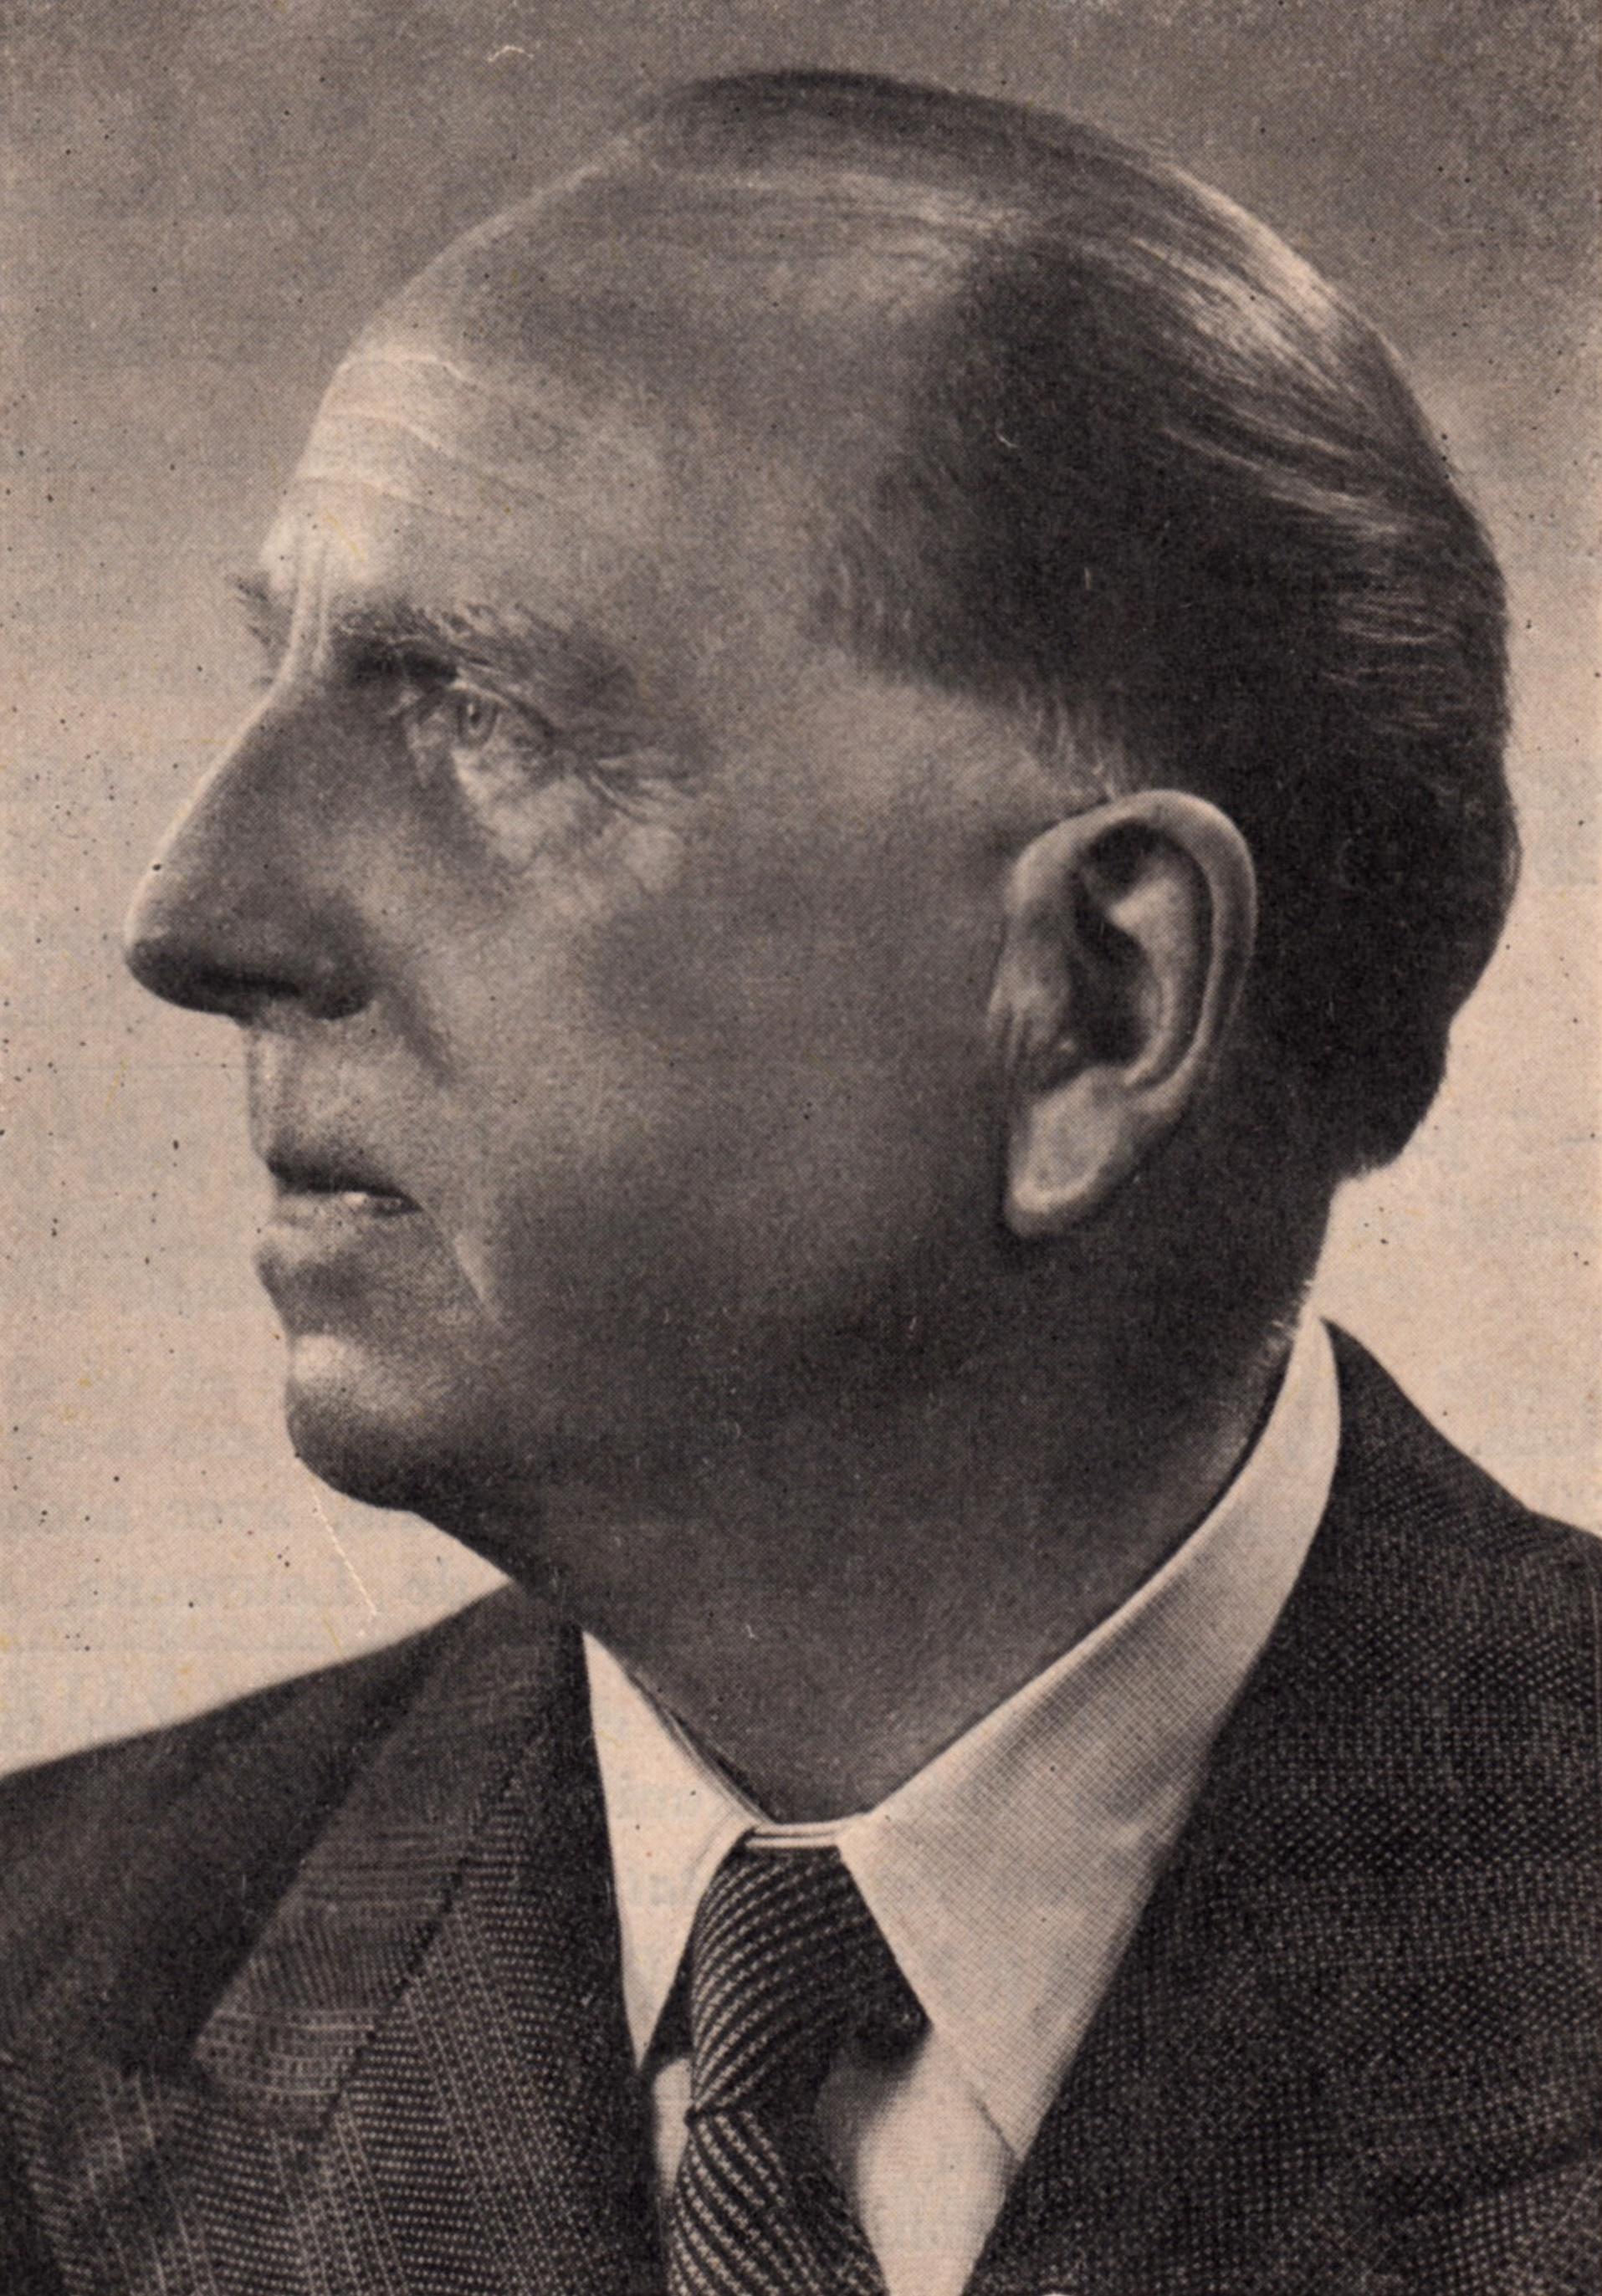 Paul PARAY au début des années 1950, date exacte et photographe inconnus, un portrait publié entre autres dans la Revue Musicale de Suisse Romande, page de couverture